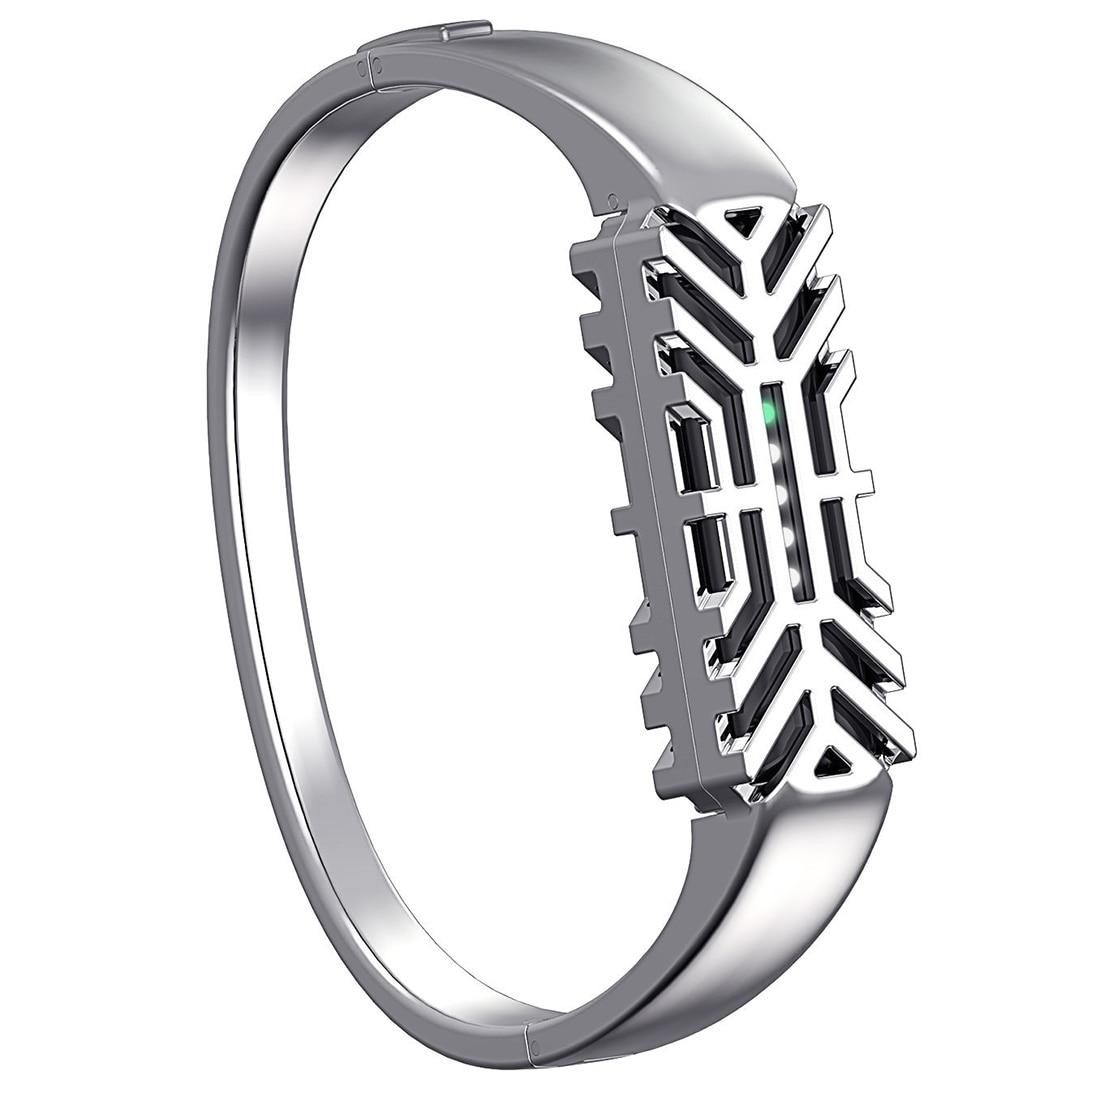 For Fitbit Flex 2 Bands Bangle Bracelet, Metal Accessories Bands for Fitbit Flex 2 Fitness Wristband